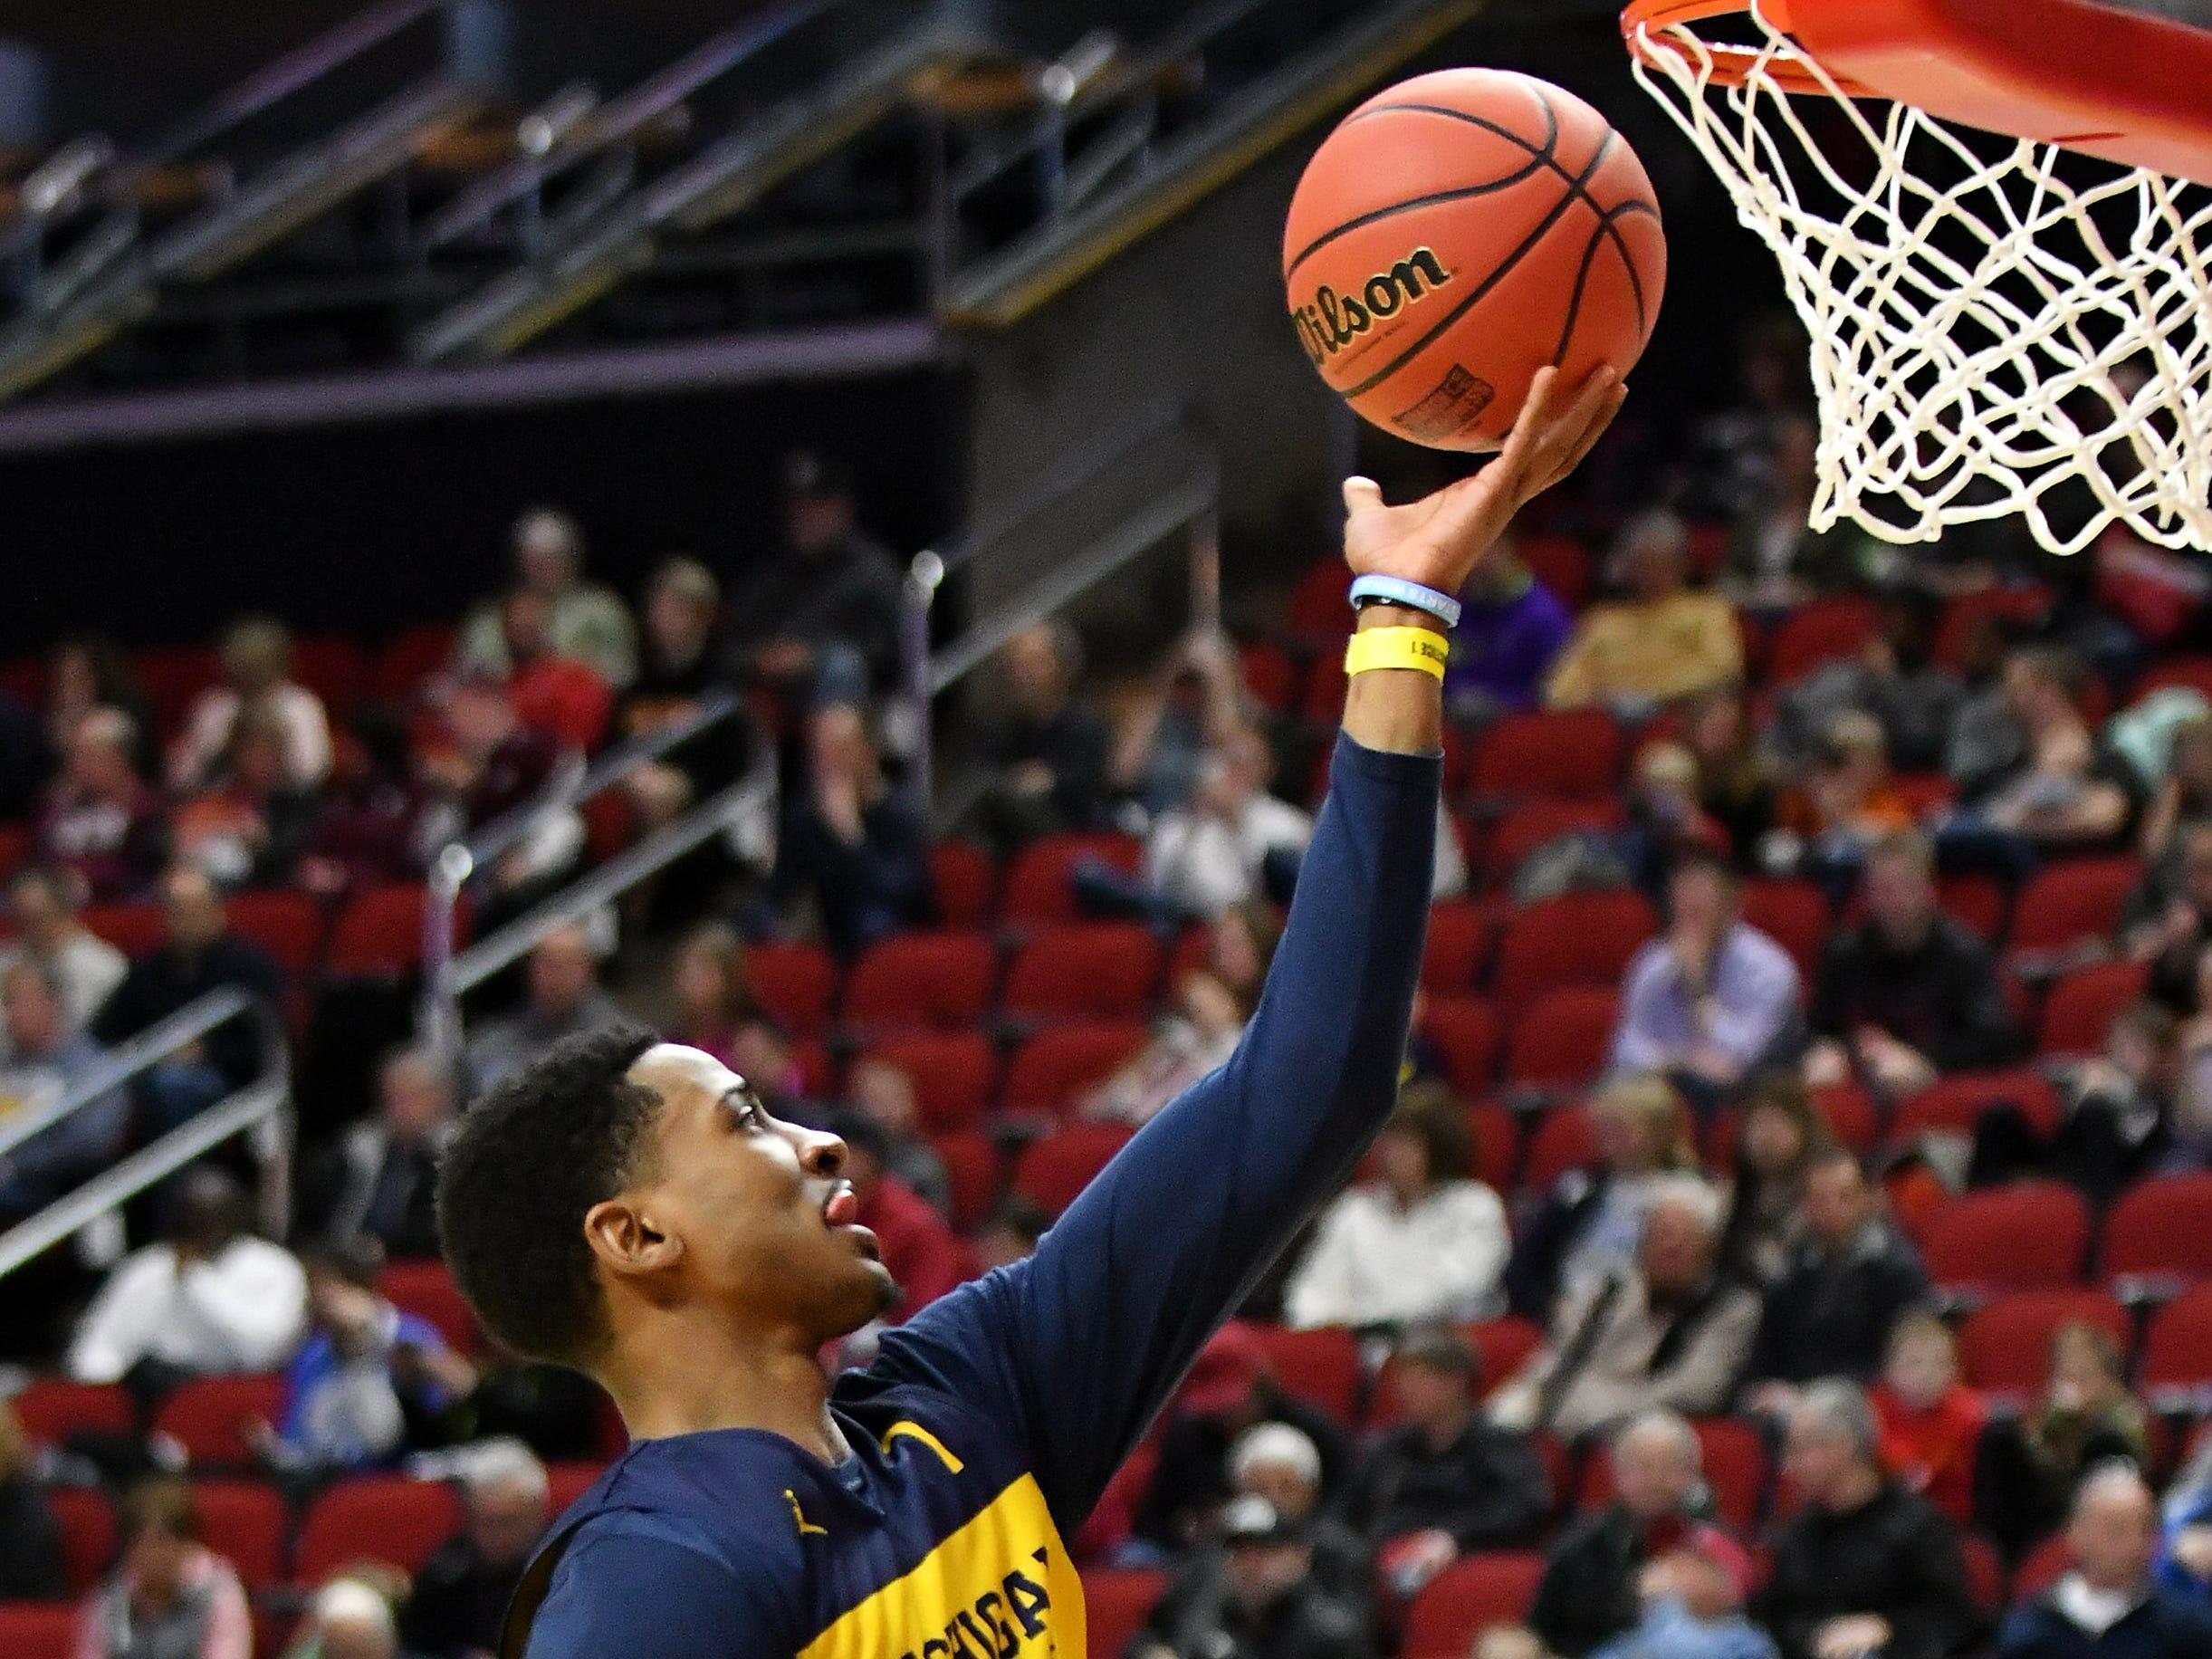 Michigan guard Charles Matthews does a layup at practice.